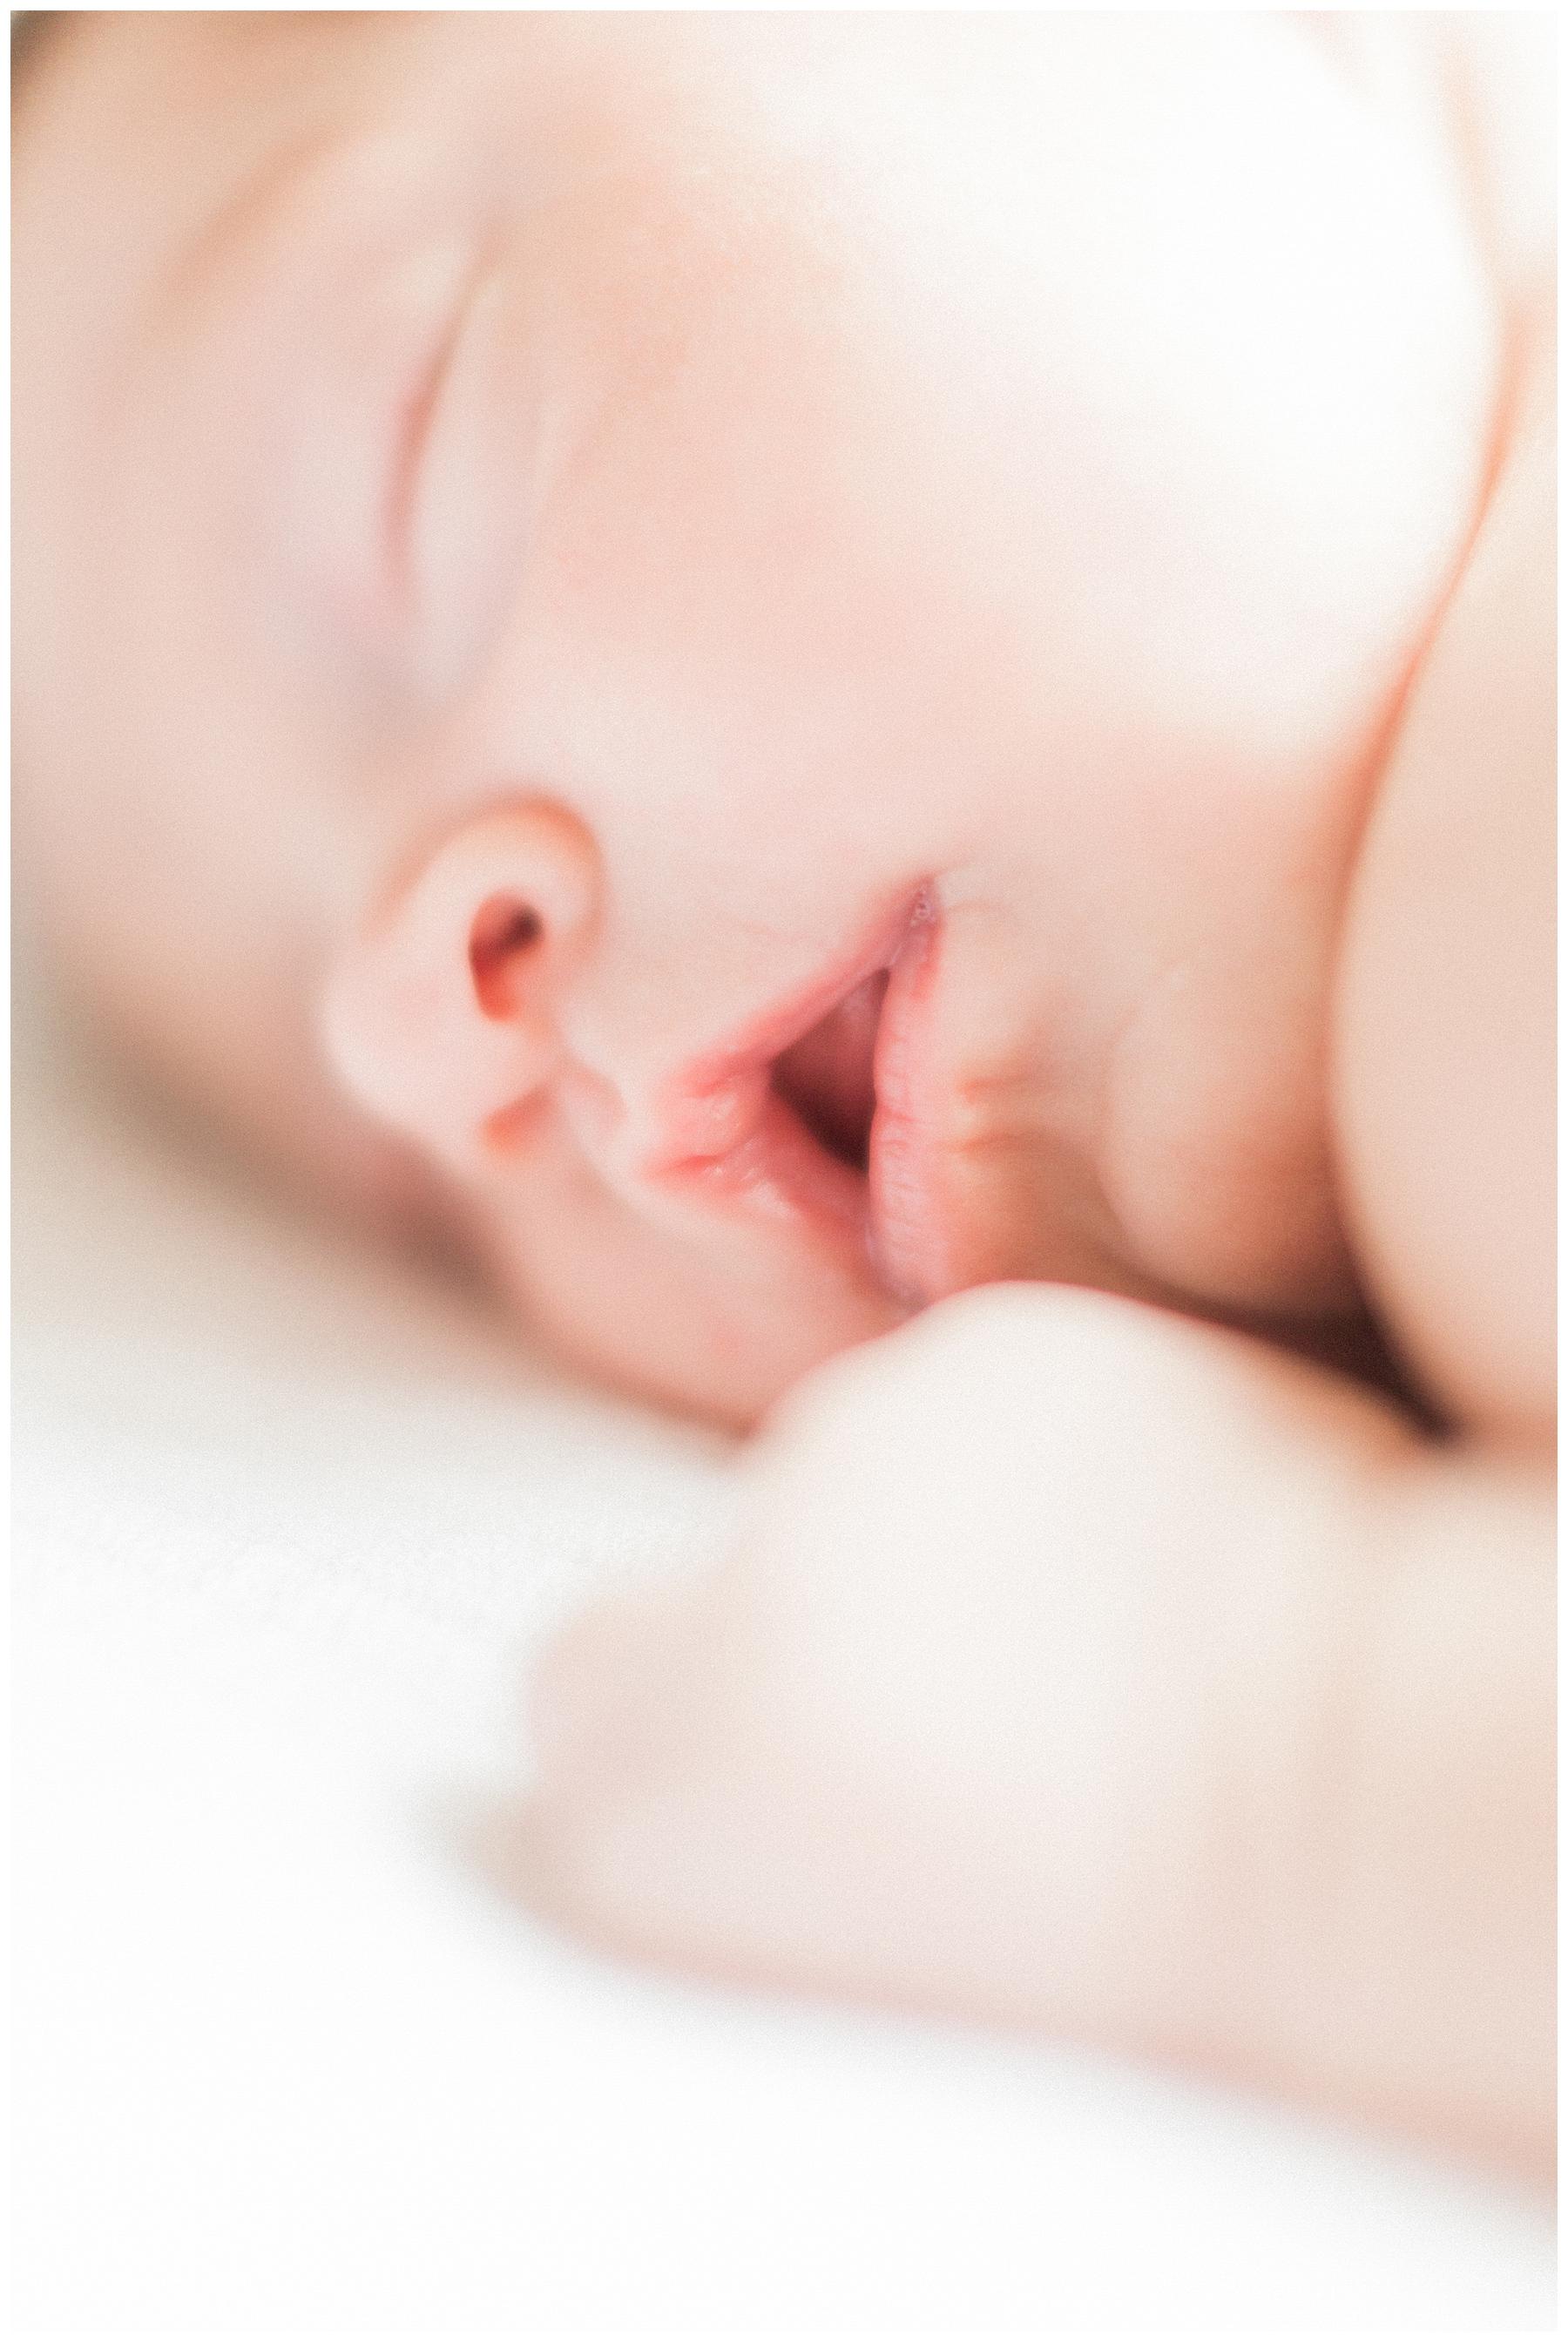 Marie-Alice G-Photographe valognes cherbourg manche normandie - photographe nouveau ne bebe famille_0048